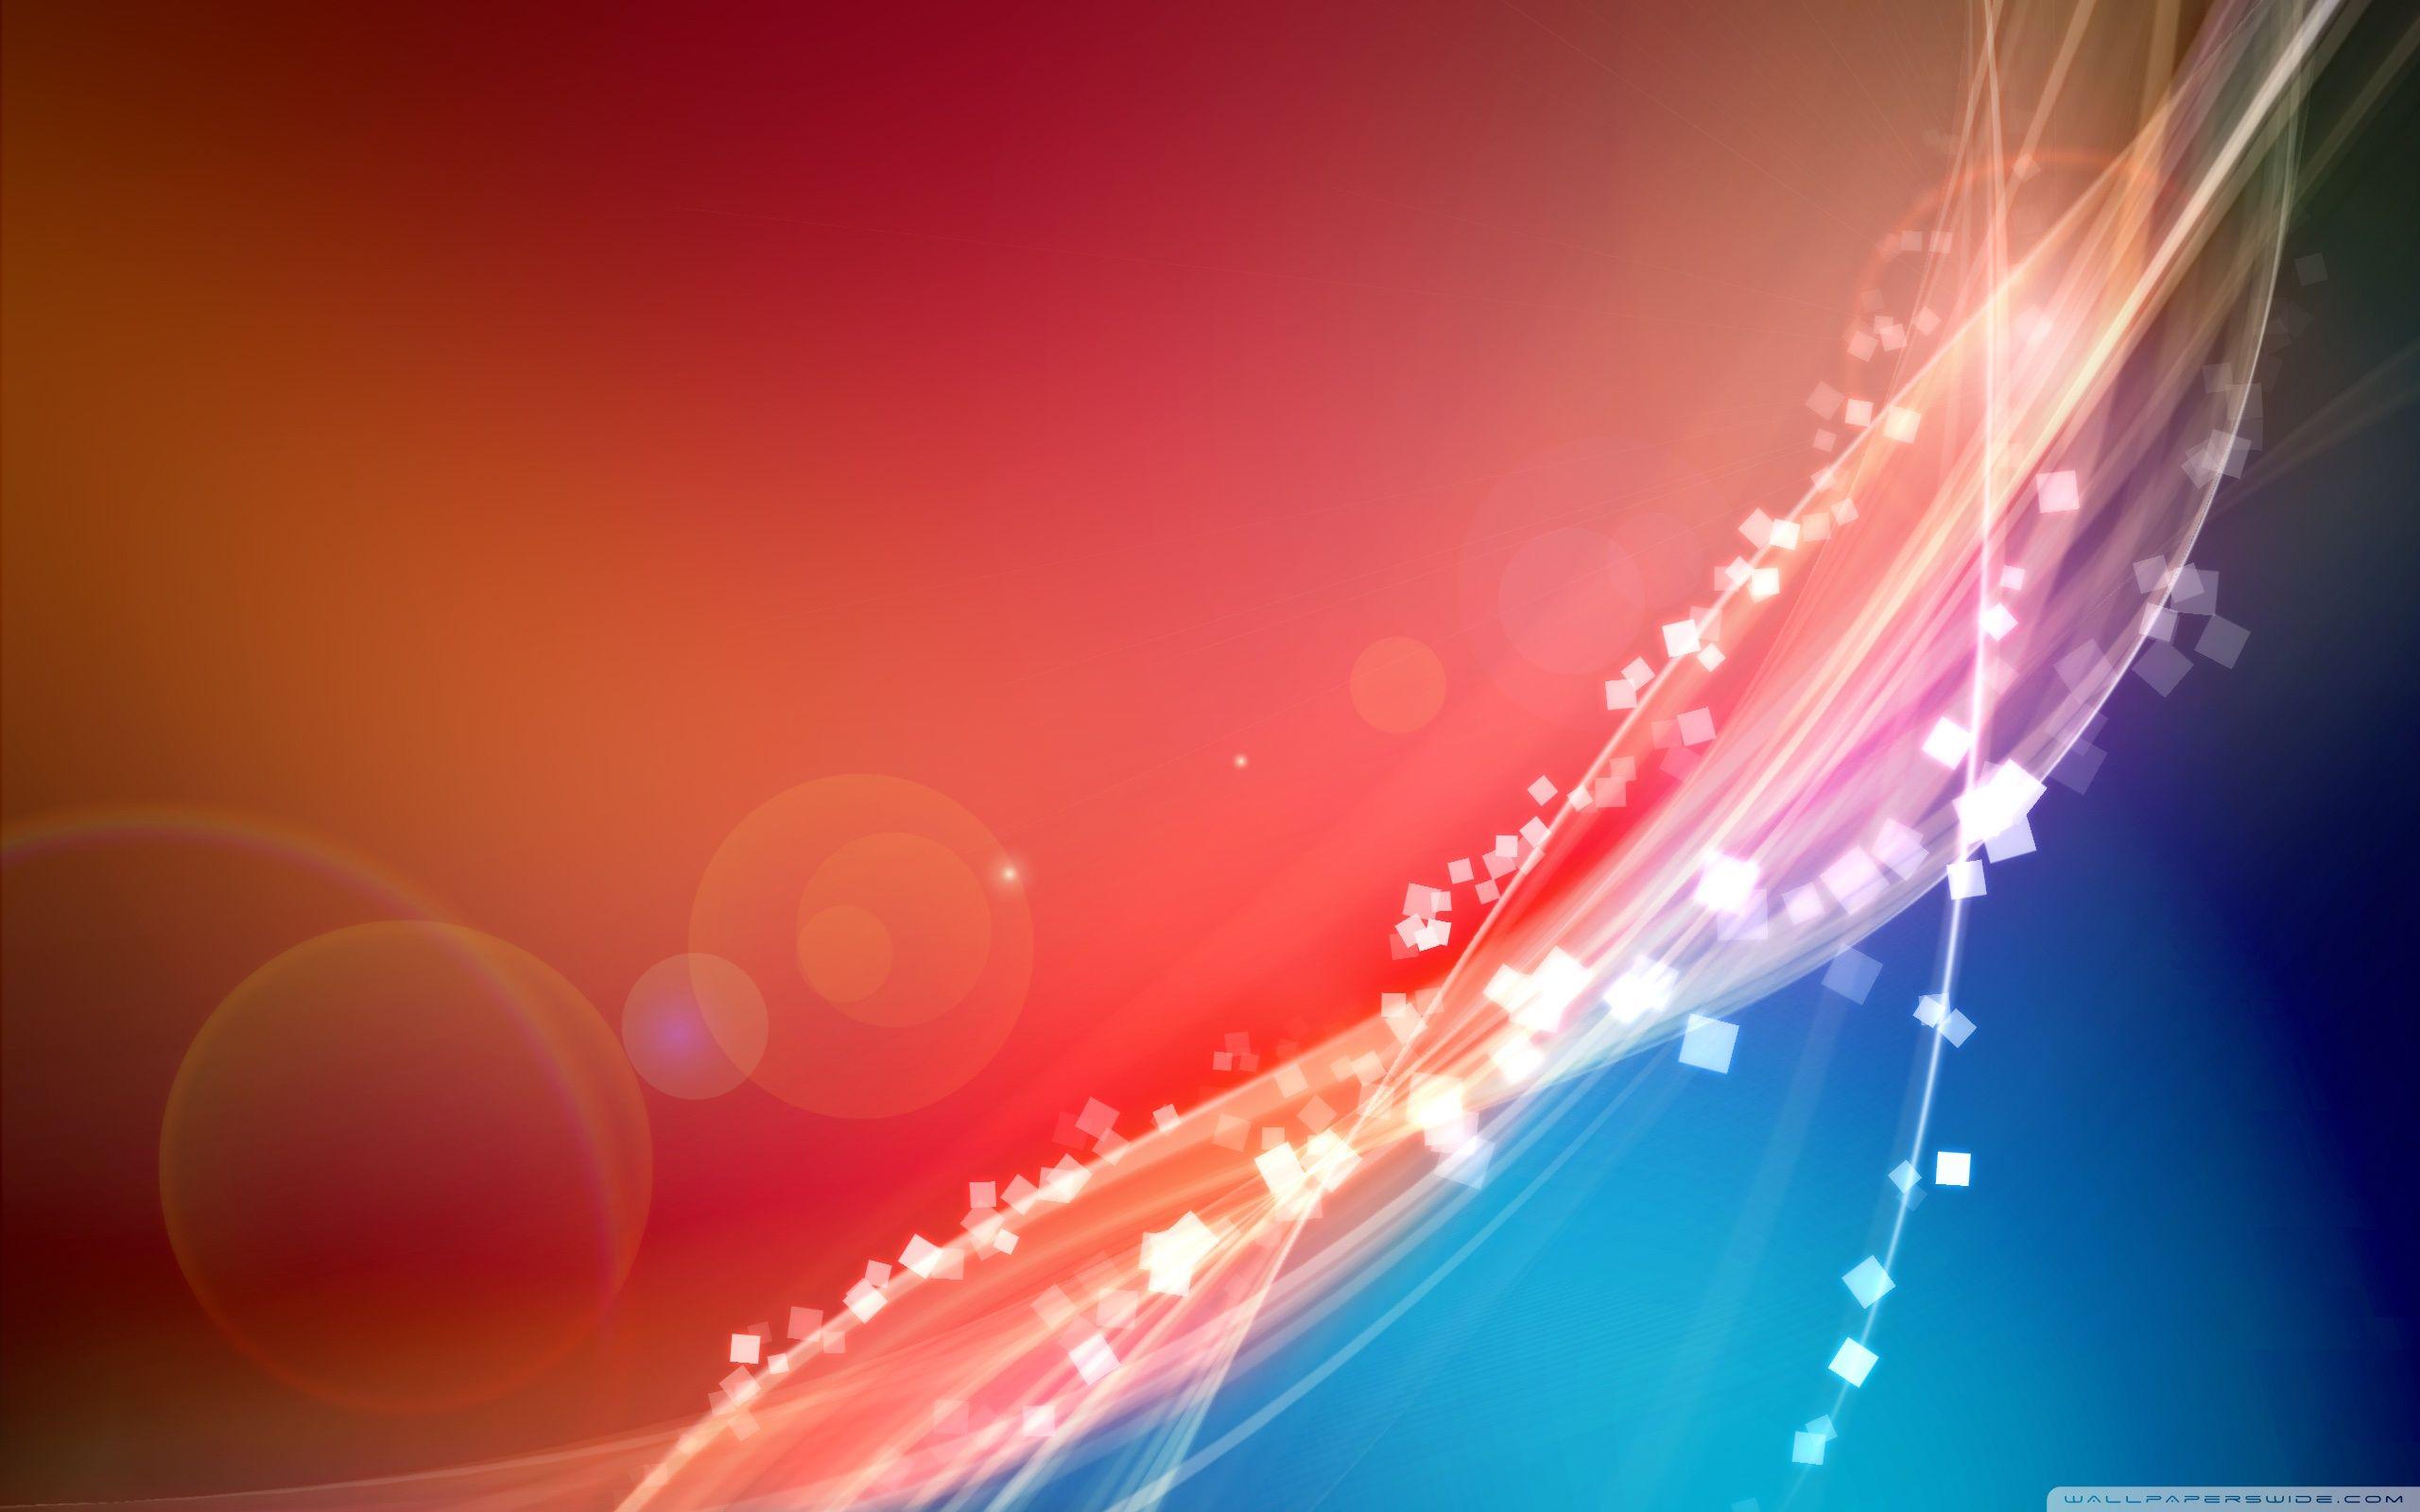 Hd wallpaper wide - Red And Blue Hd Desktop Wallpaper Widescreen High Definition